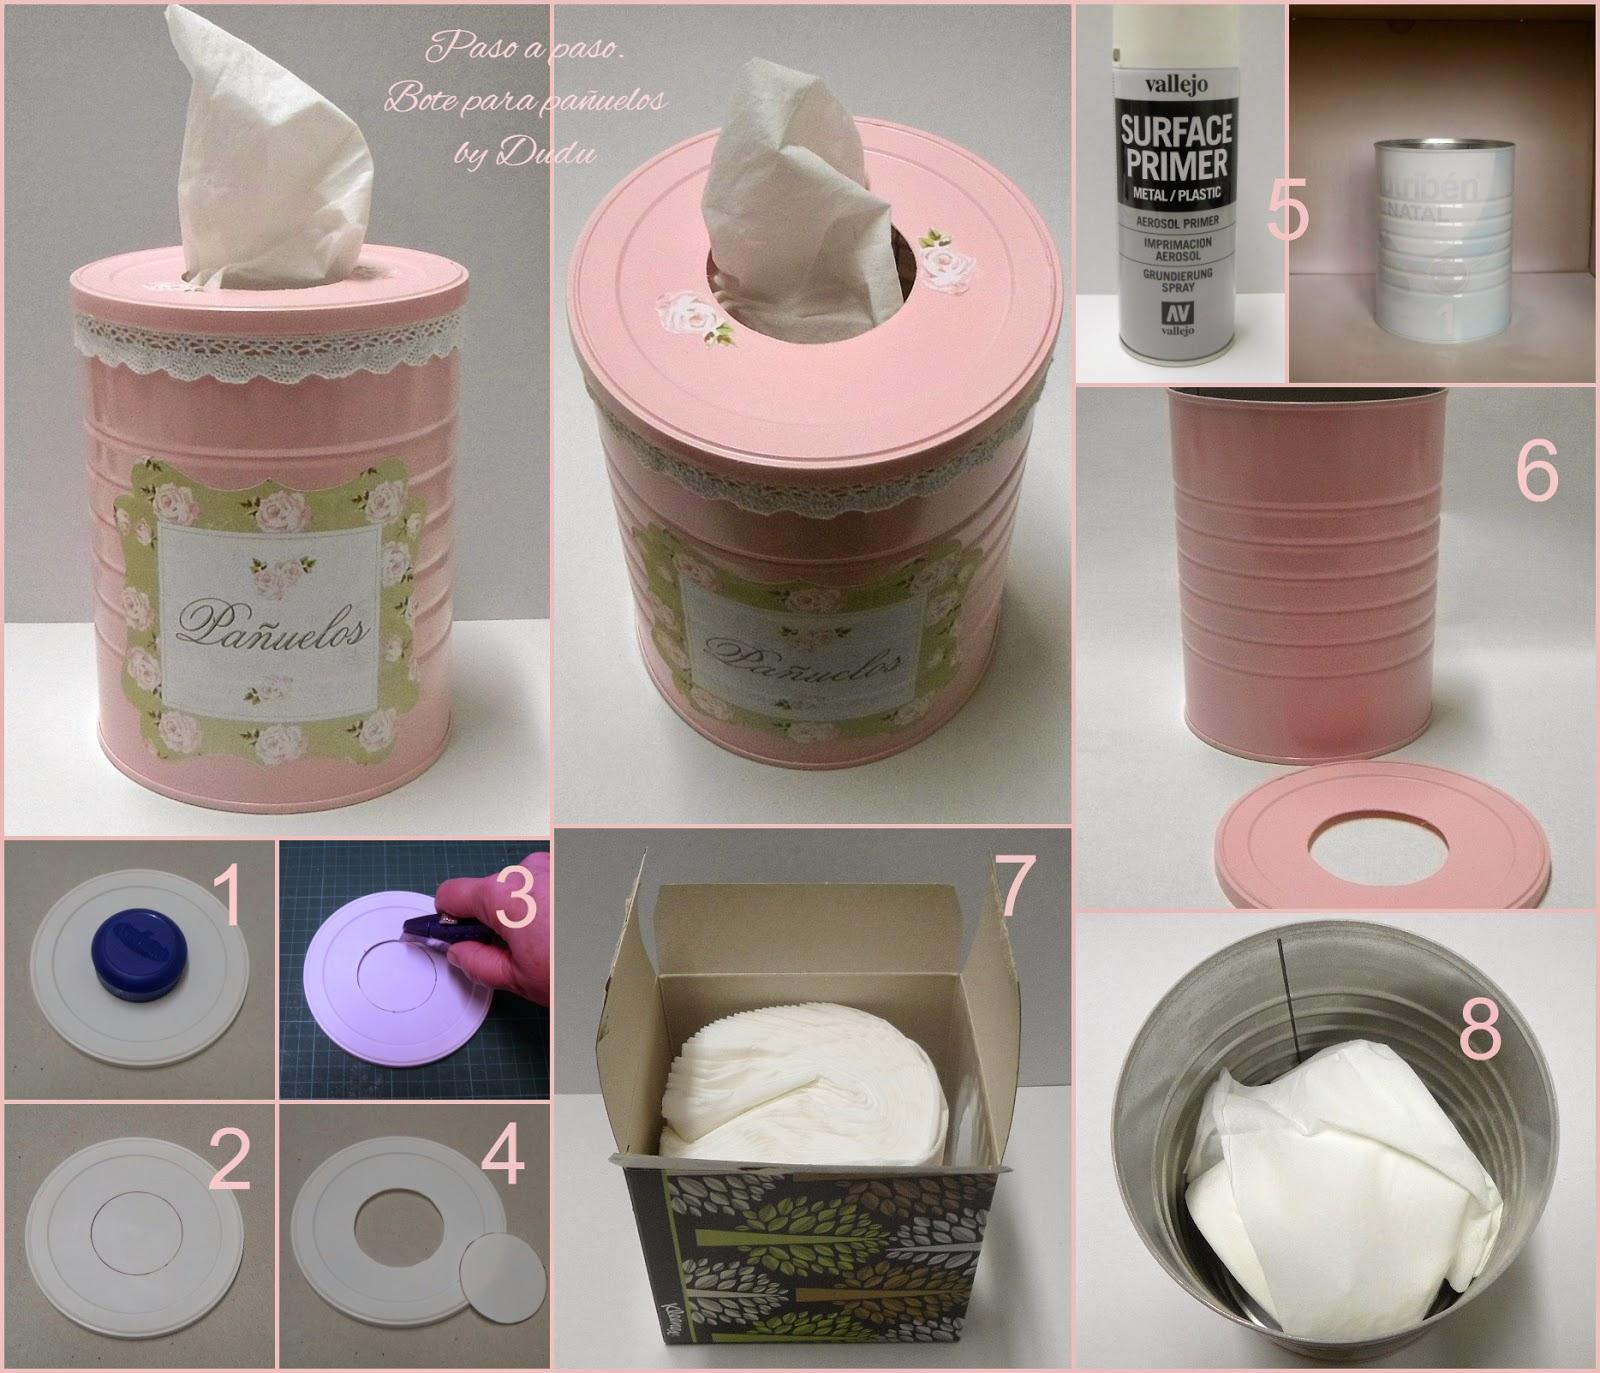 Les cosetes de dudu tutorial bote de leche infantil reciclado para guardar los kleenex - Le blog de mimi ...